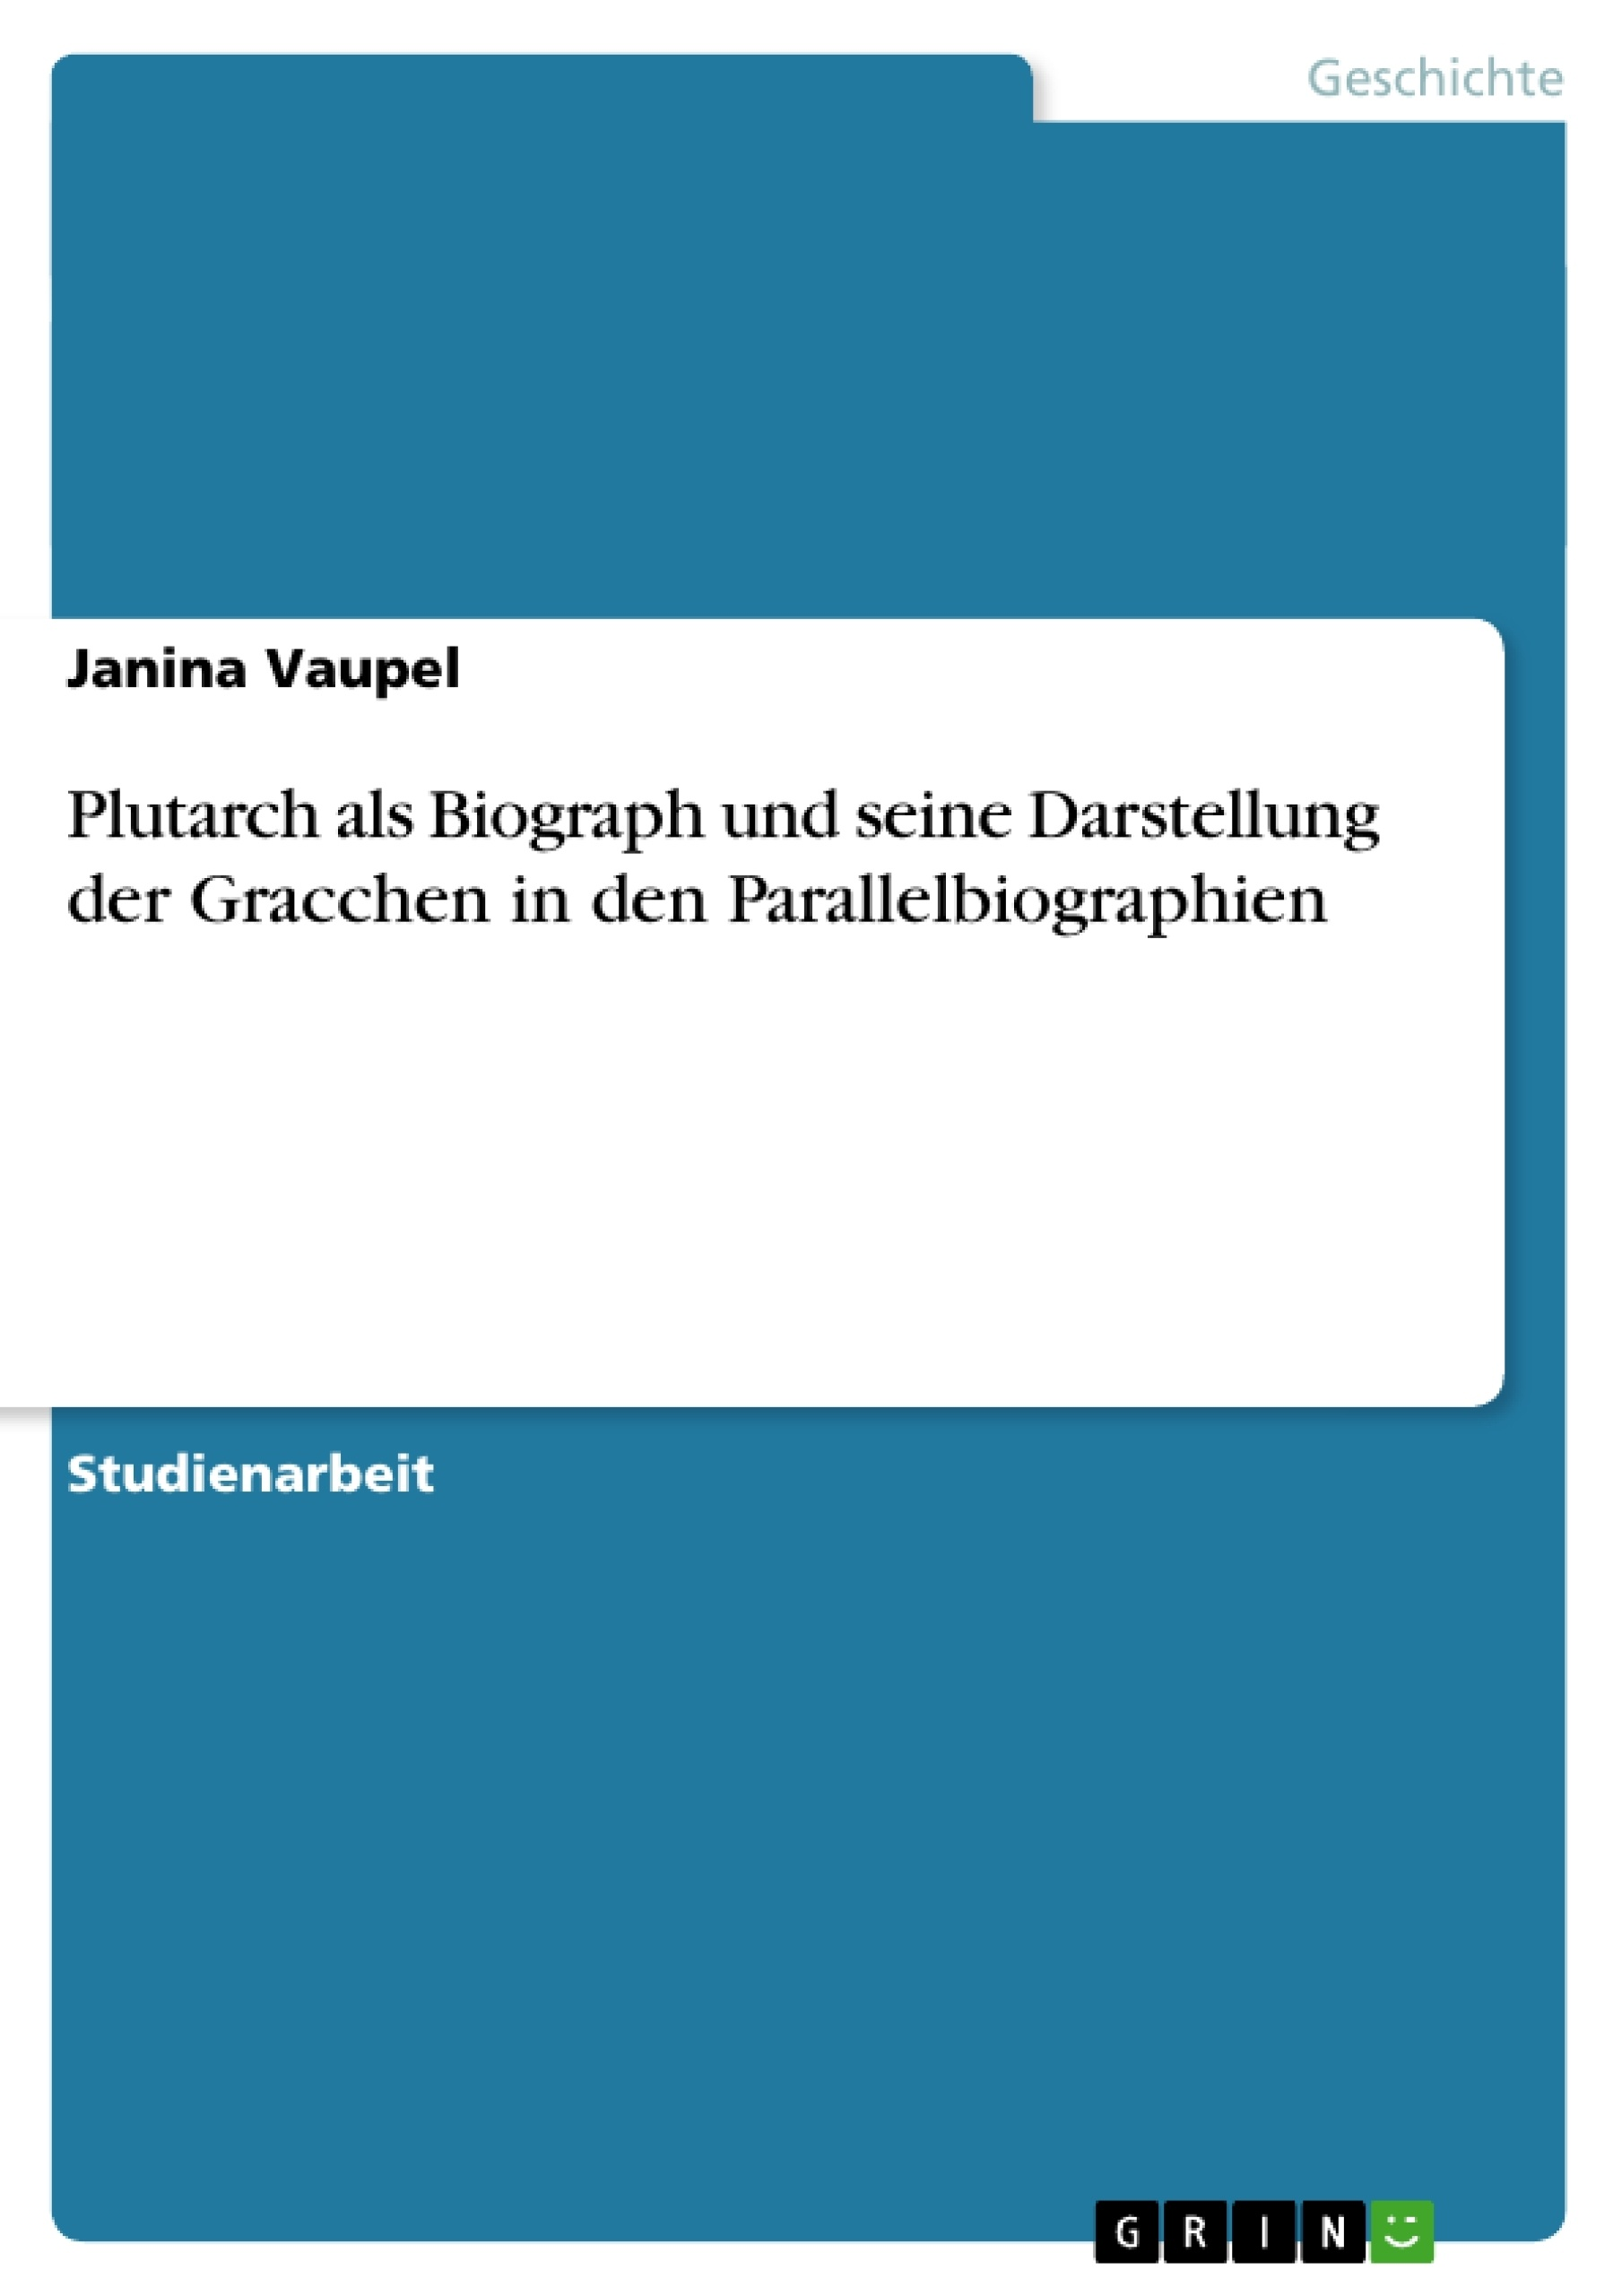 Titel: Plutarch als Biograph und seine Darstellung der Gracchen in den Parallelbiographien